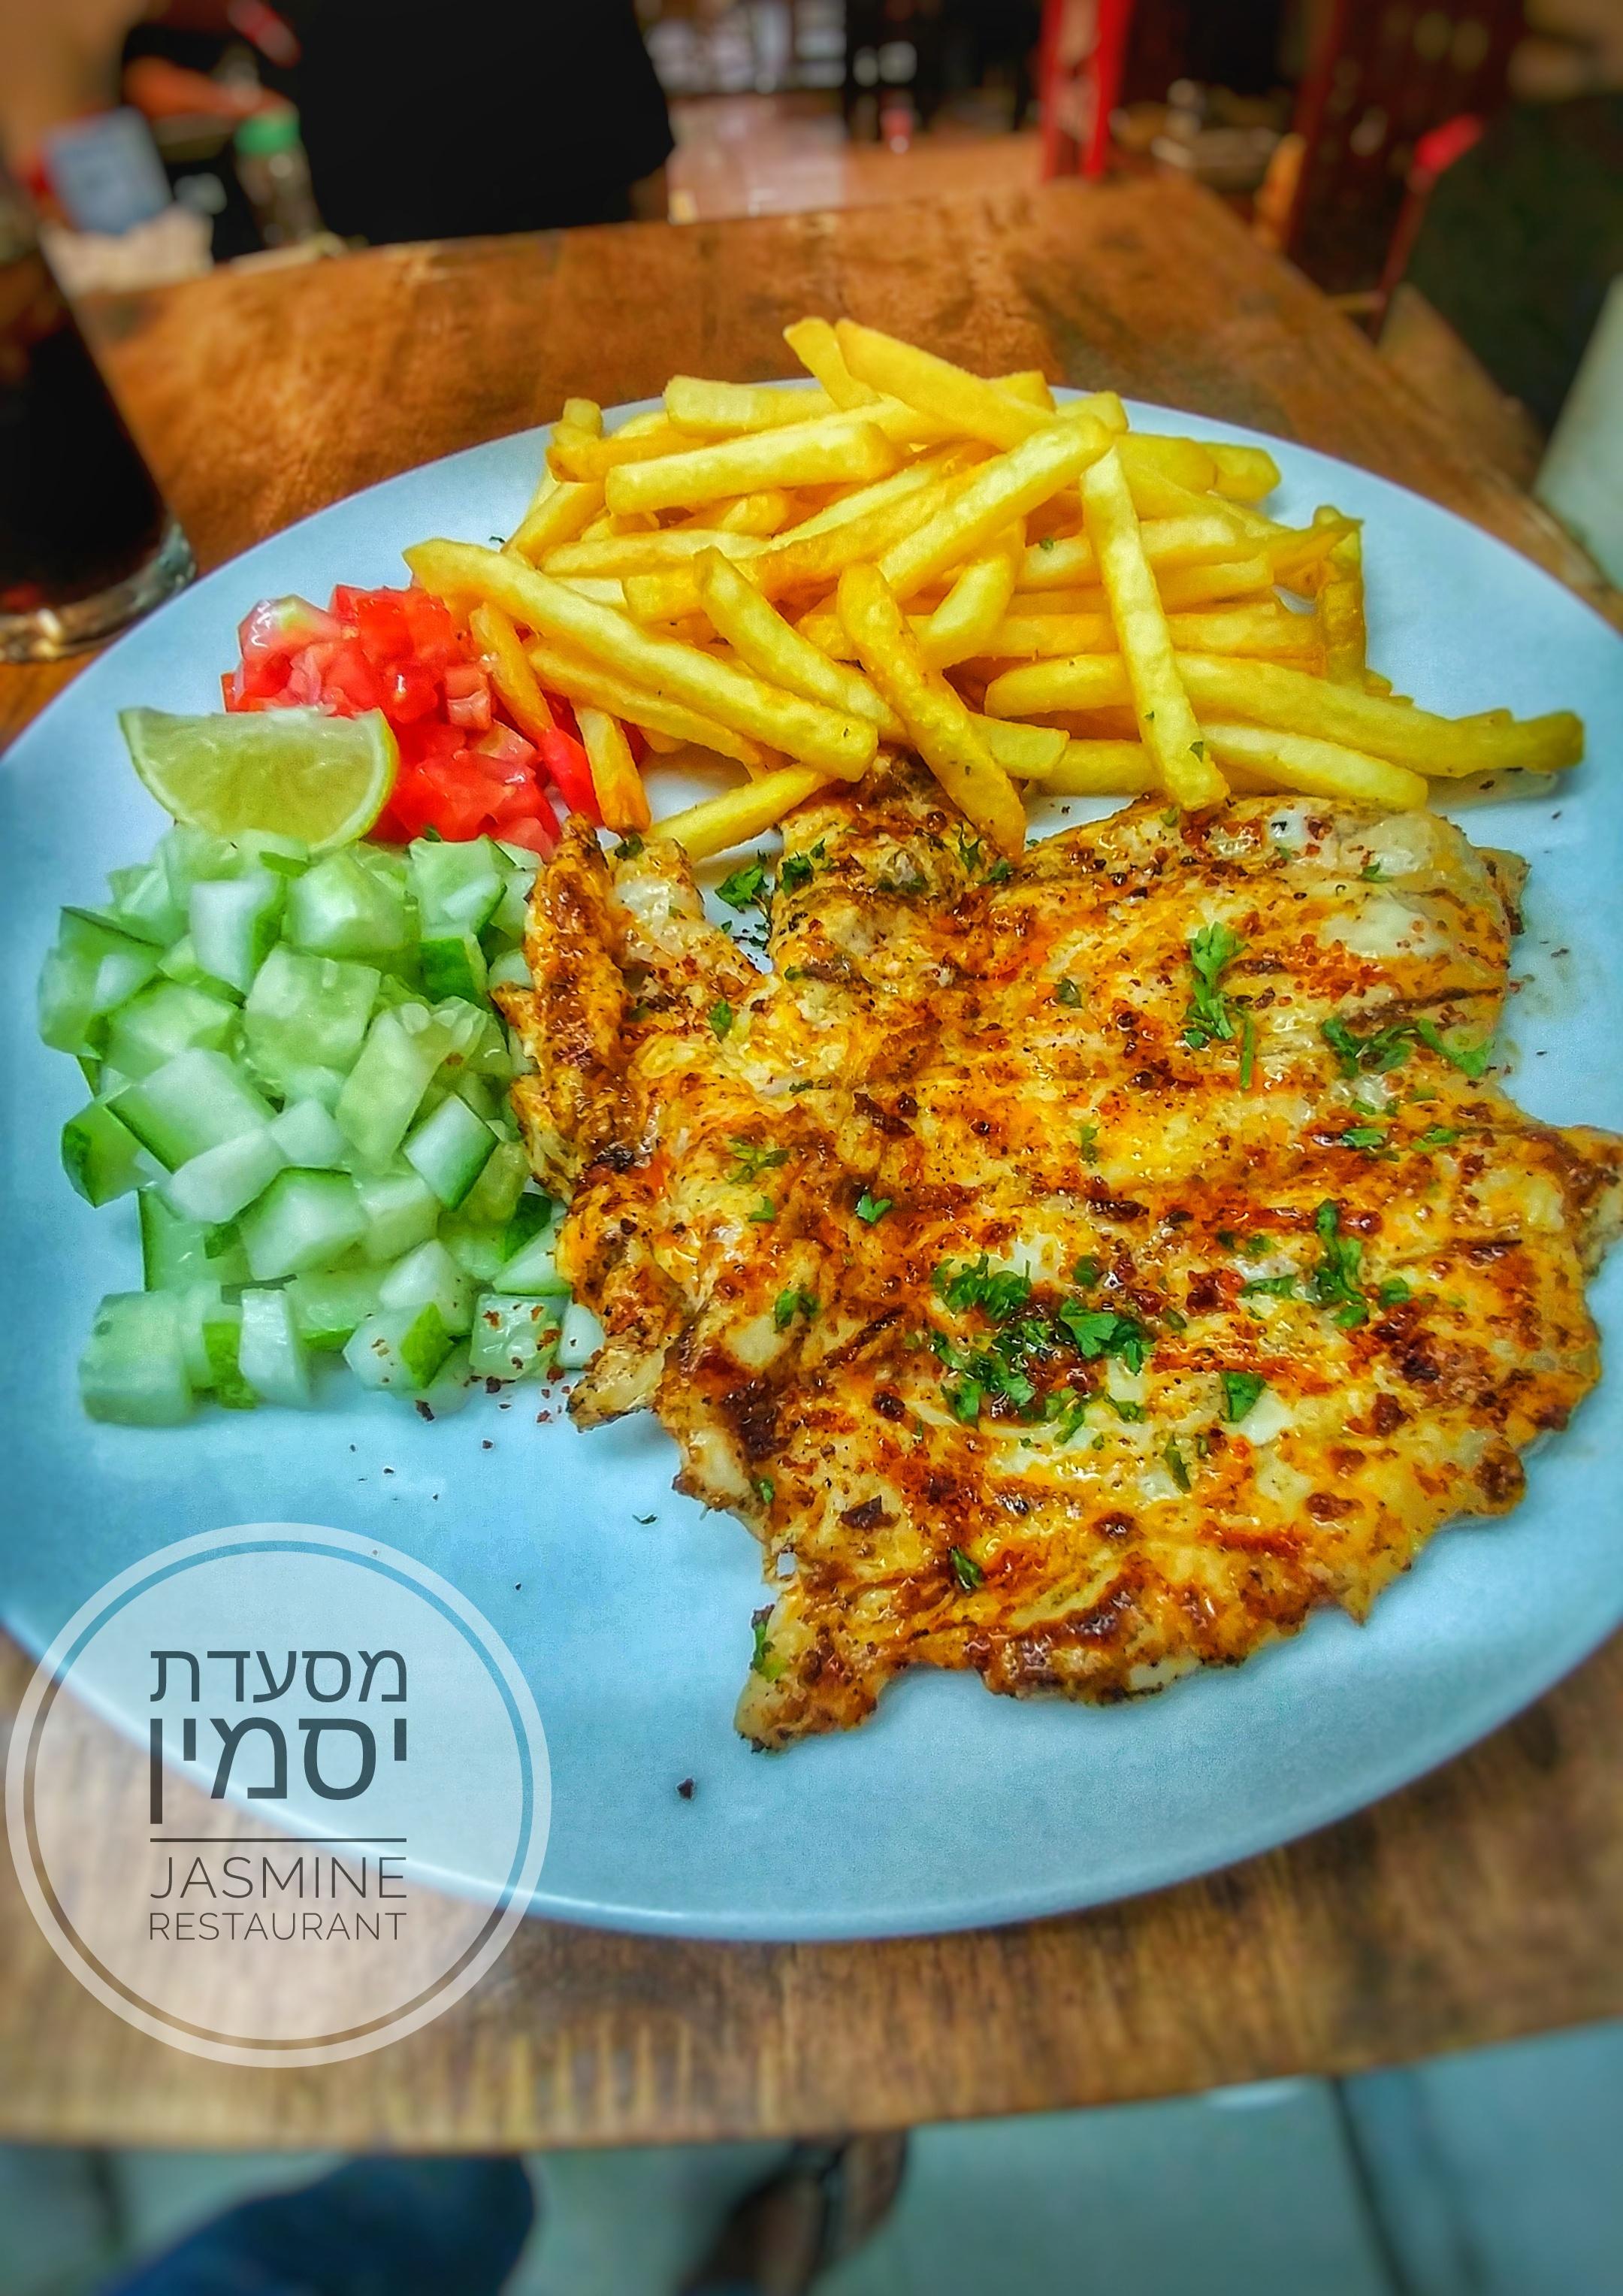 מסעדה ישראלית בפטאיה